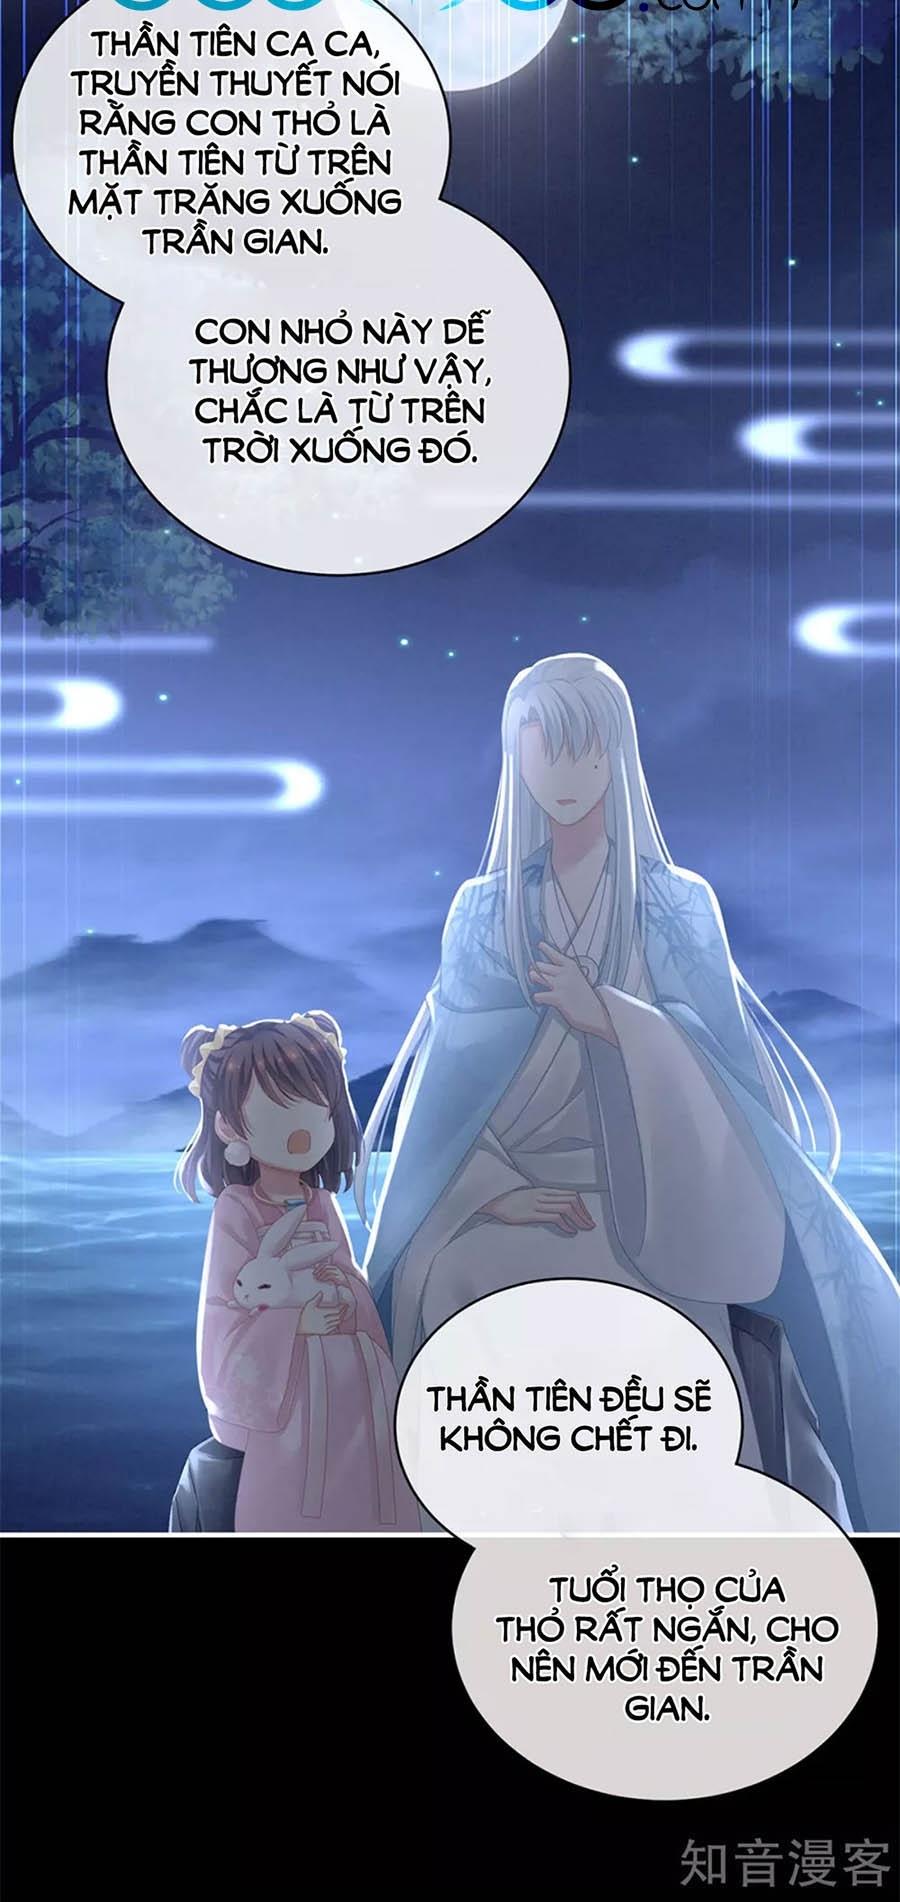 Hậu Cung Của Nữ Đế chap 113 - Trang 35